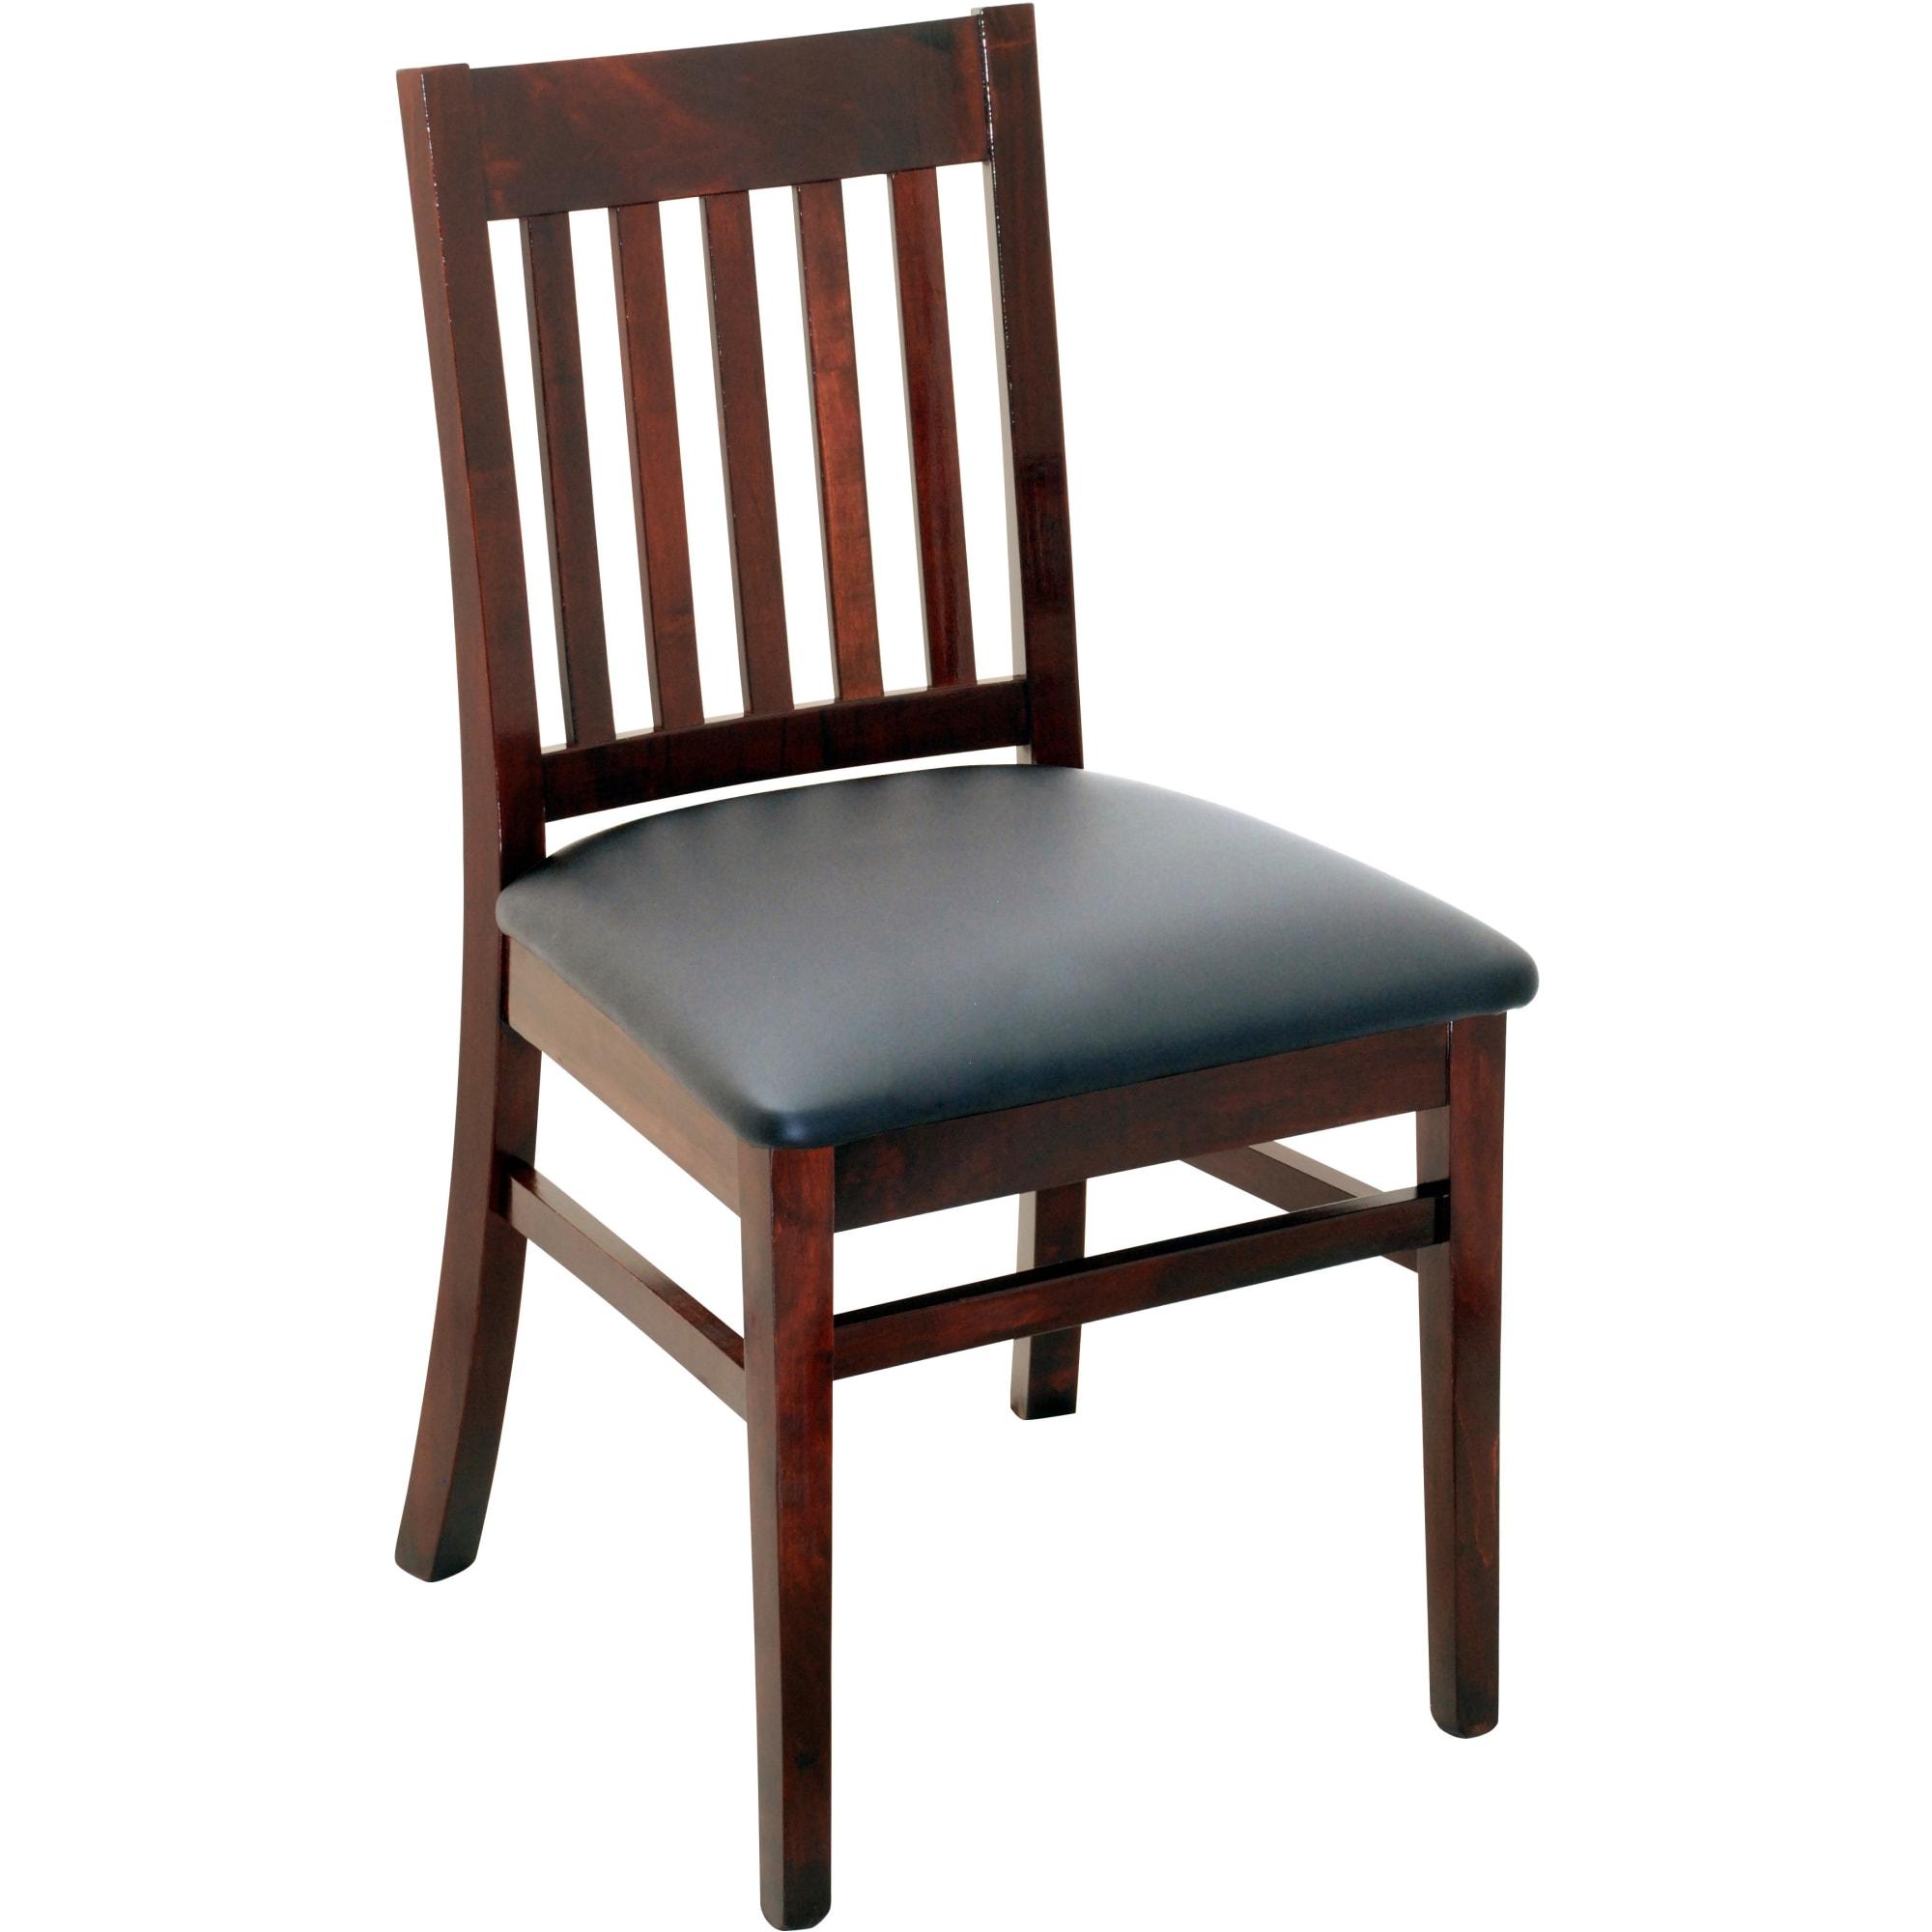 Designer Series Logan Vertical Slat Chair